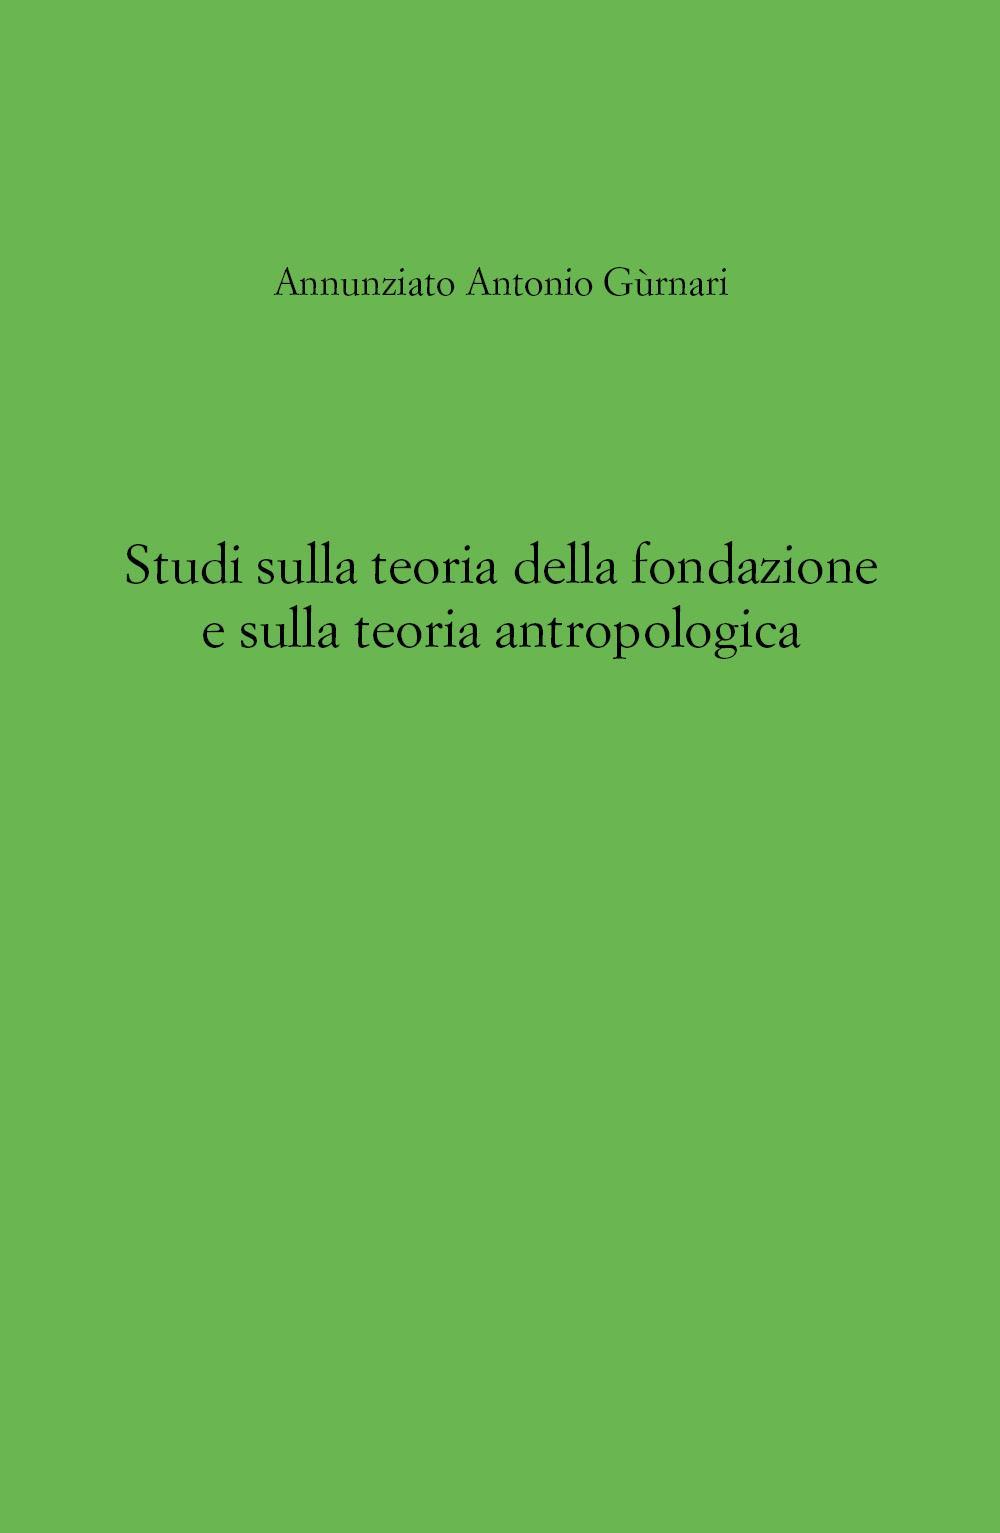 Studi sulla teoria della fondazione e sulla teoria antropologica